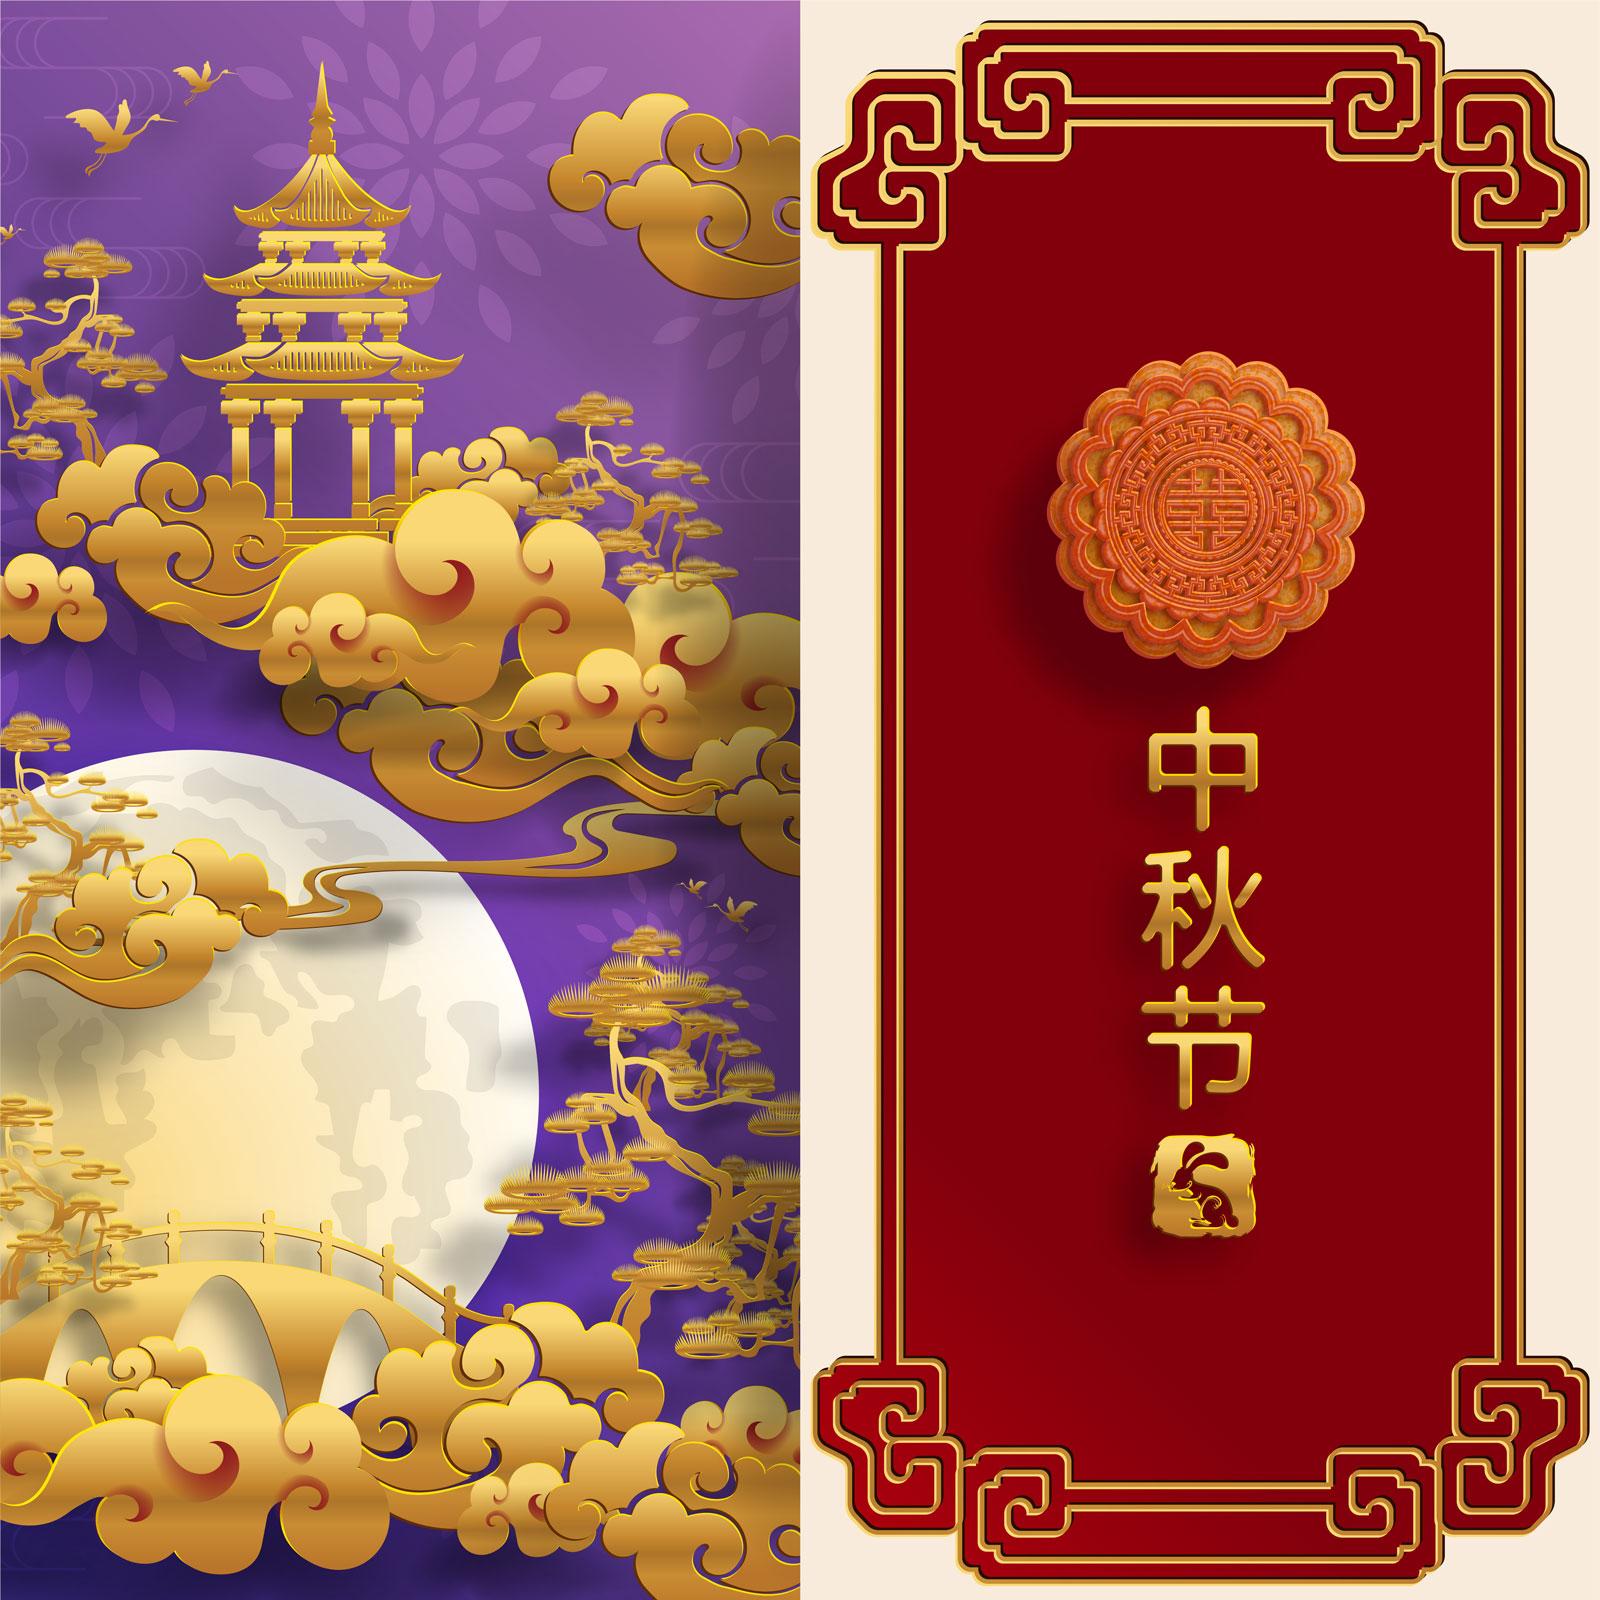 38款中国风中秋节主视觉海报插画AI广告设计素材源文件 Mid Autumn Festival Vector Pattern插图(33)